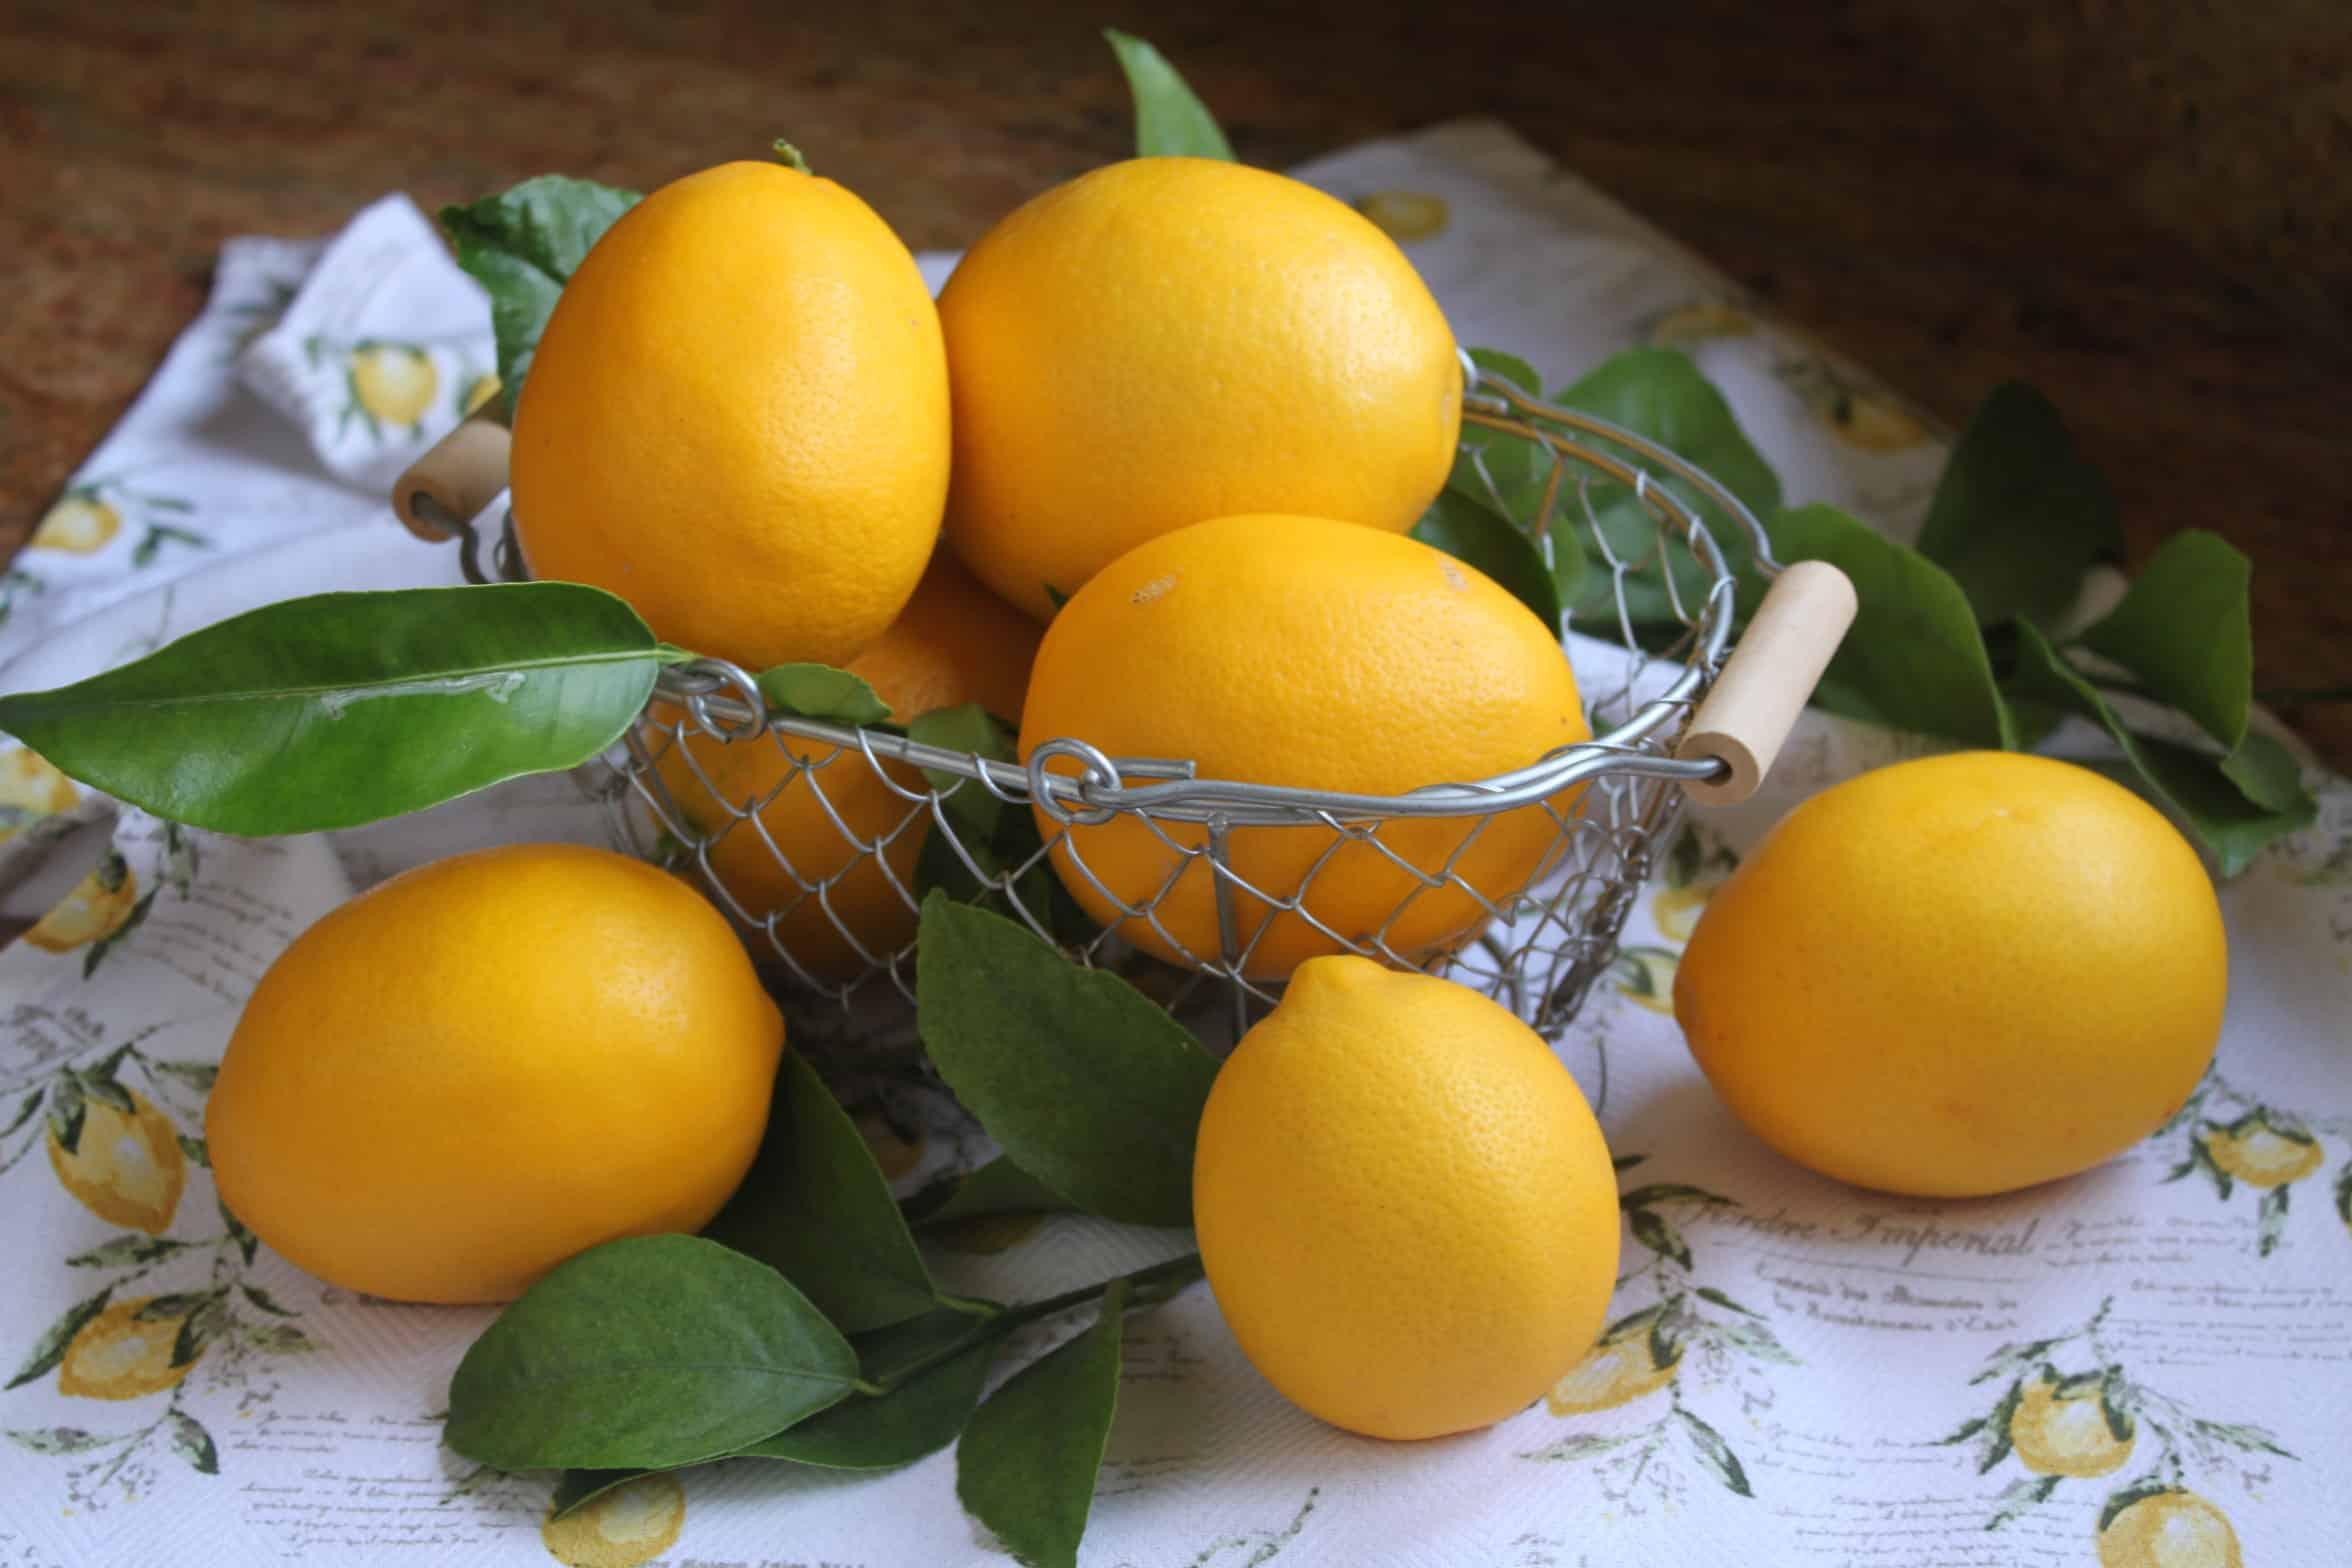 Basket of freshly picked Meyer lemons